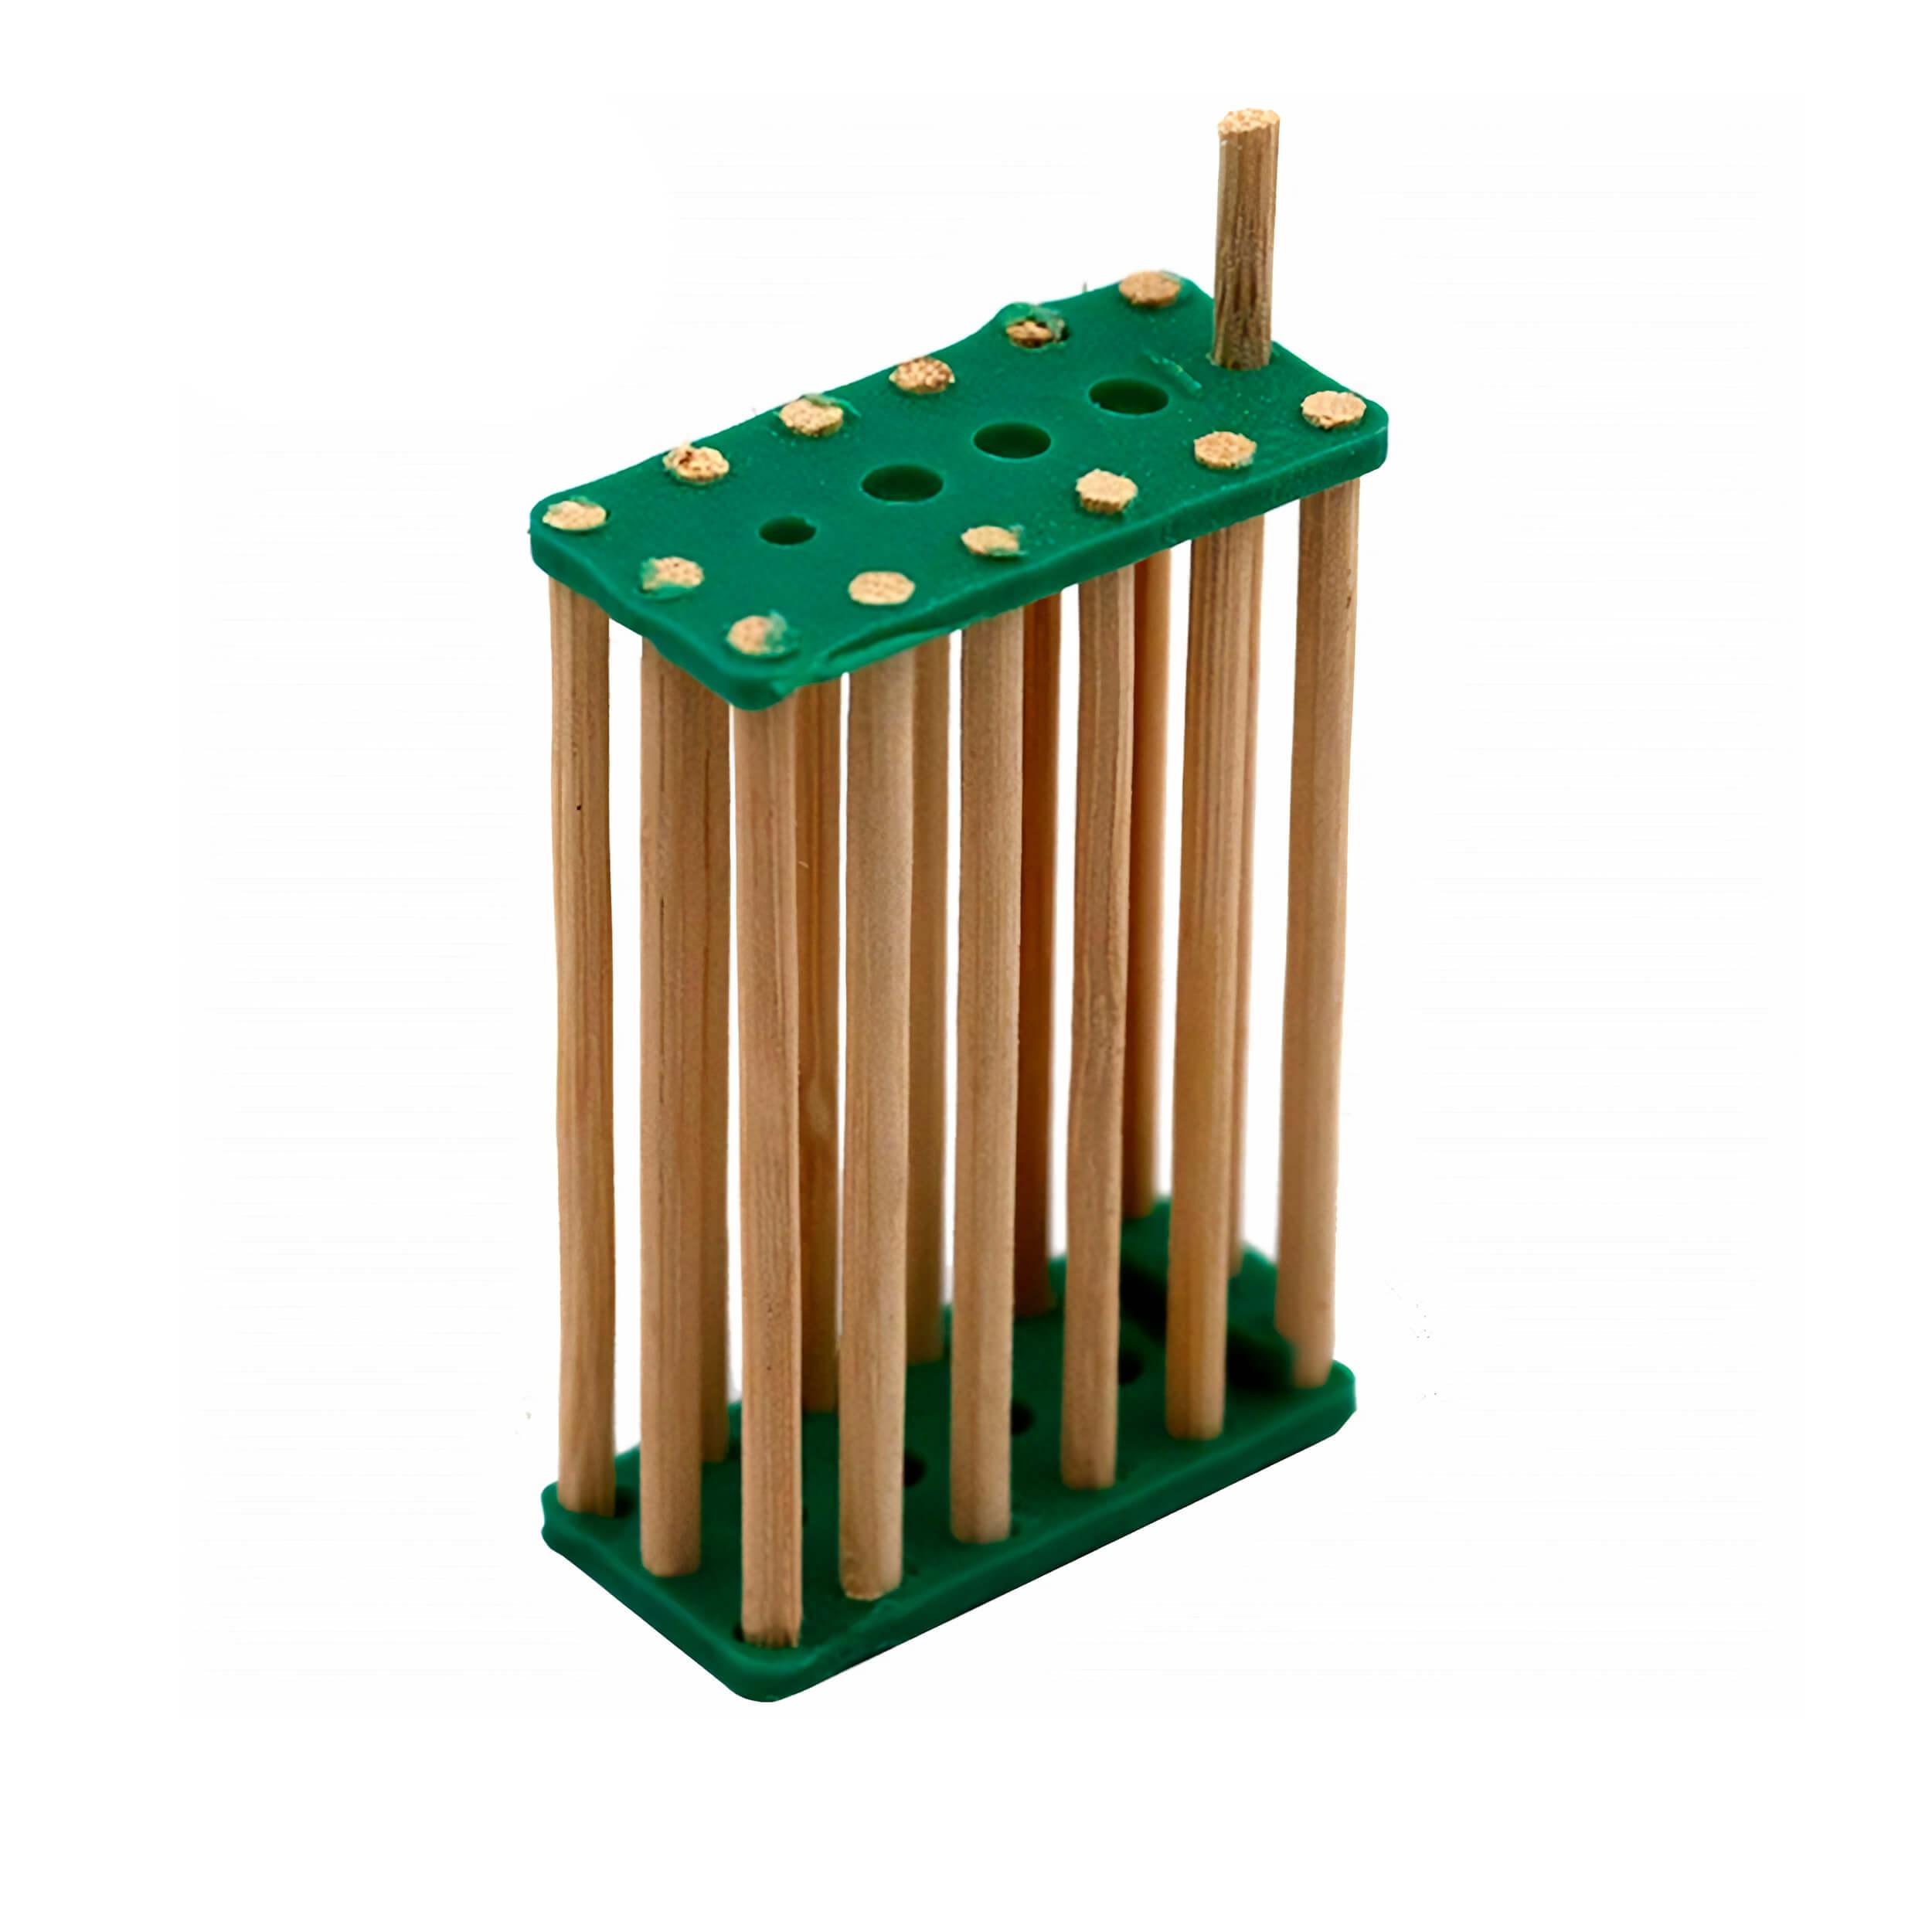 Клеточка для матки деревянная (бамбук) фото